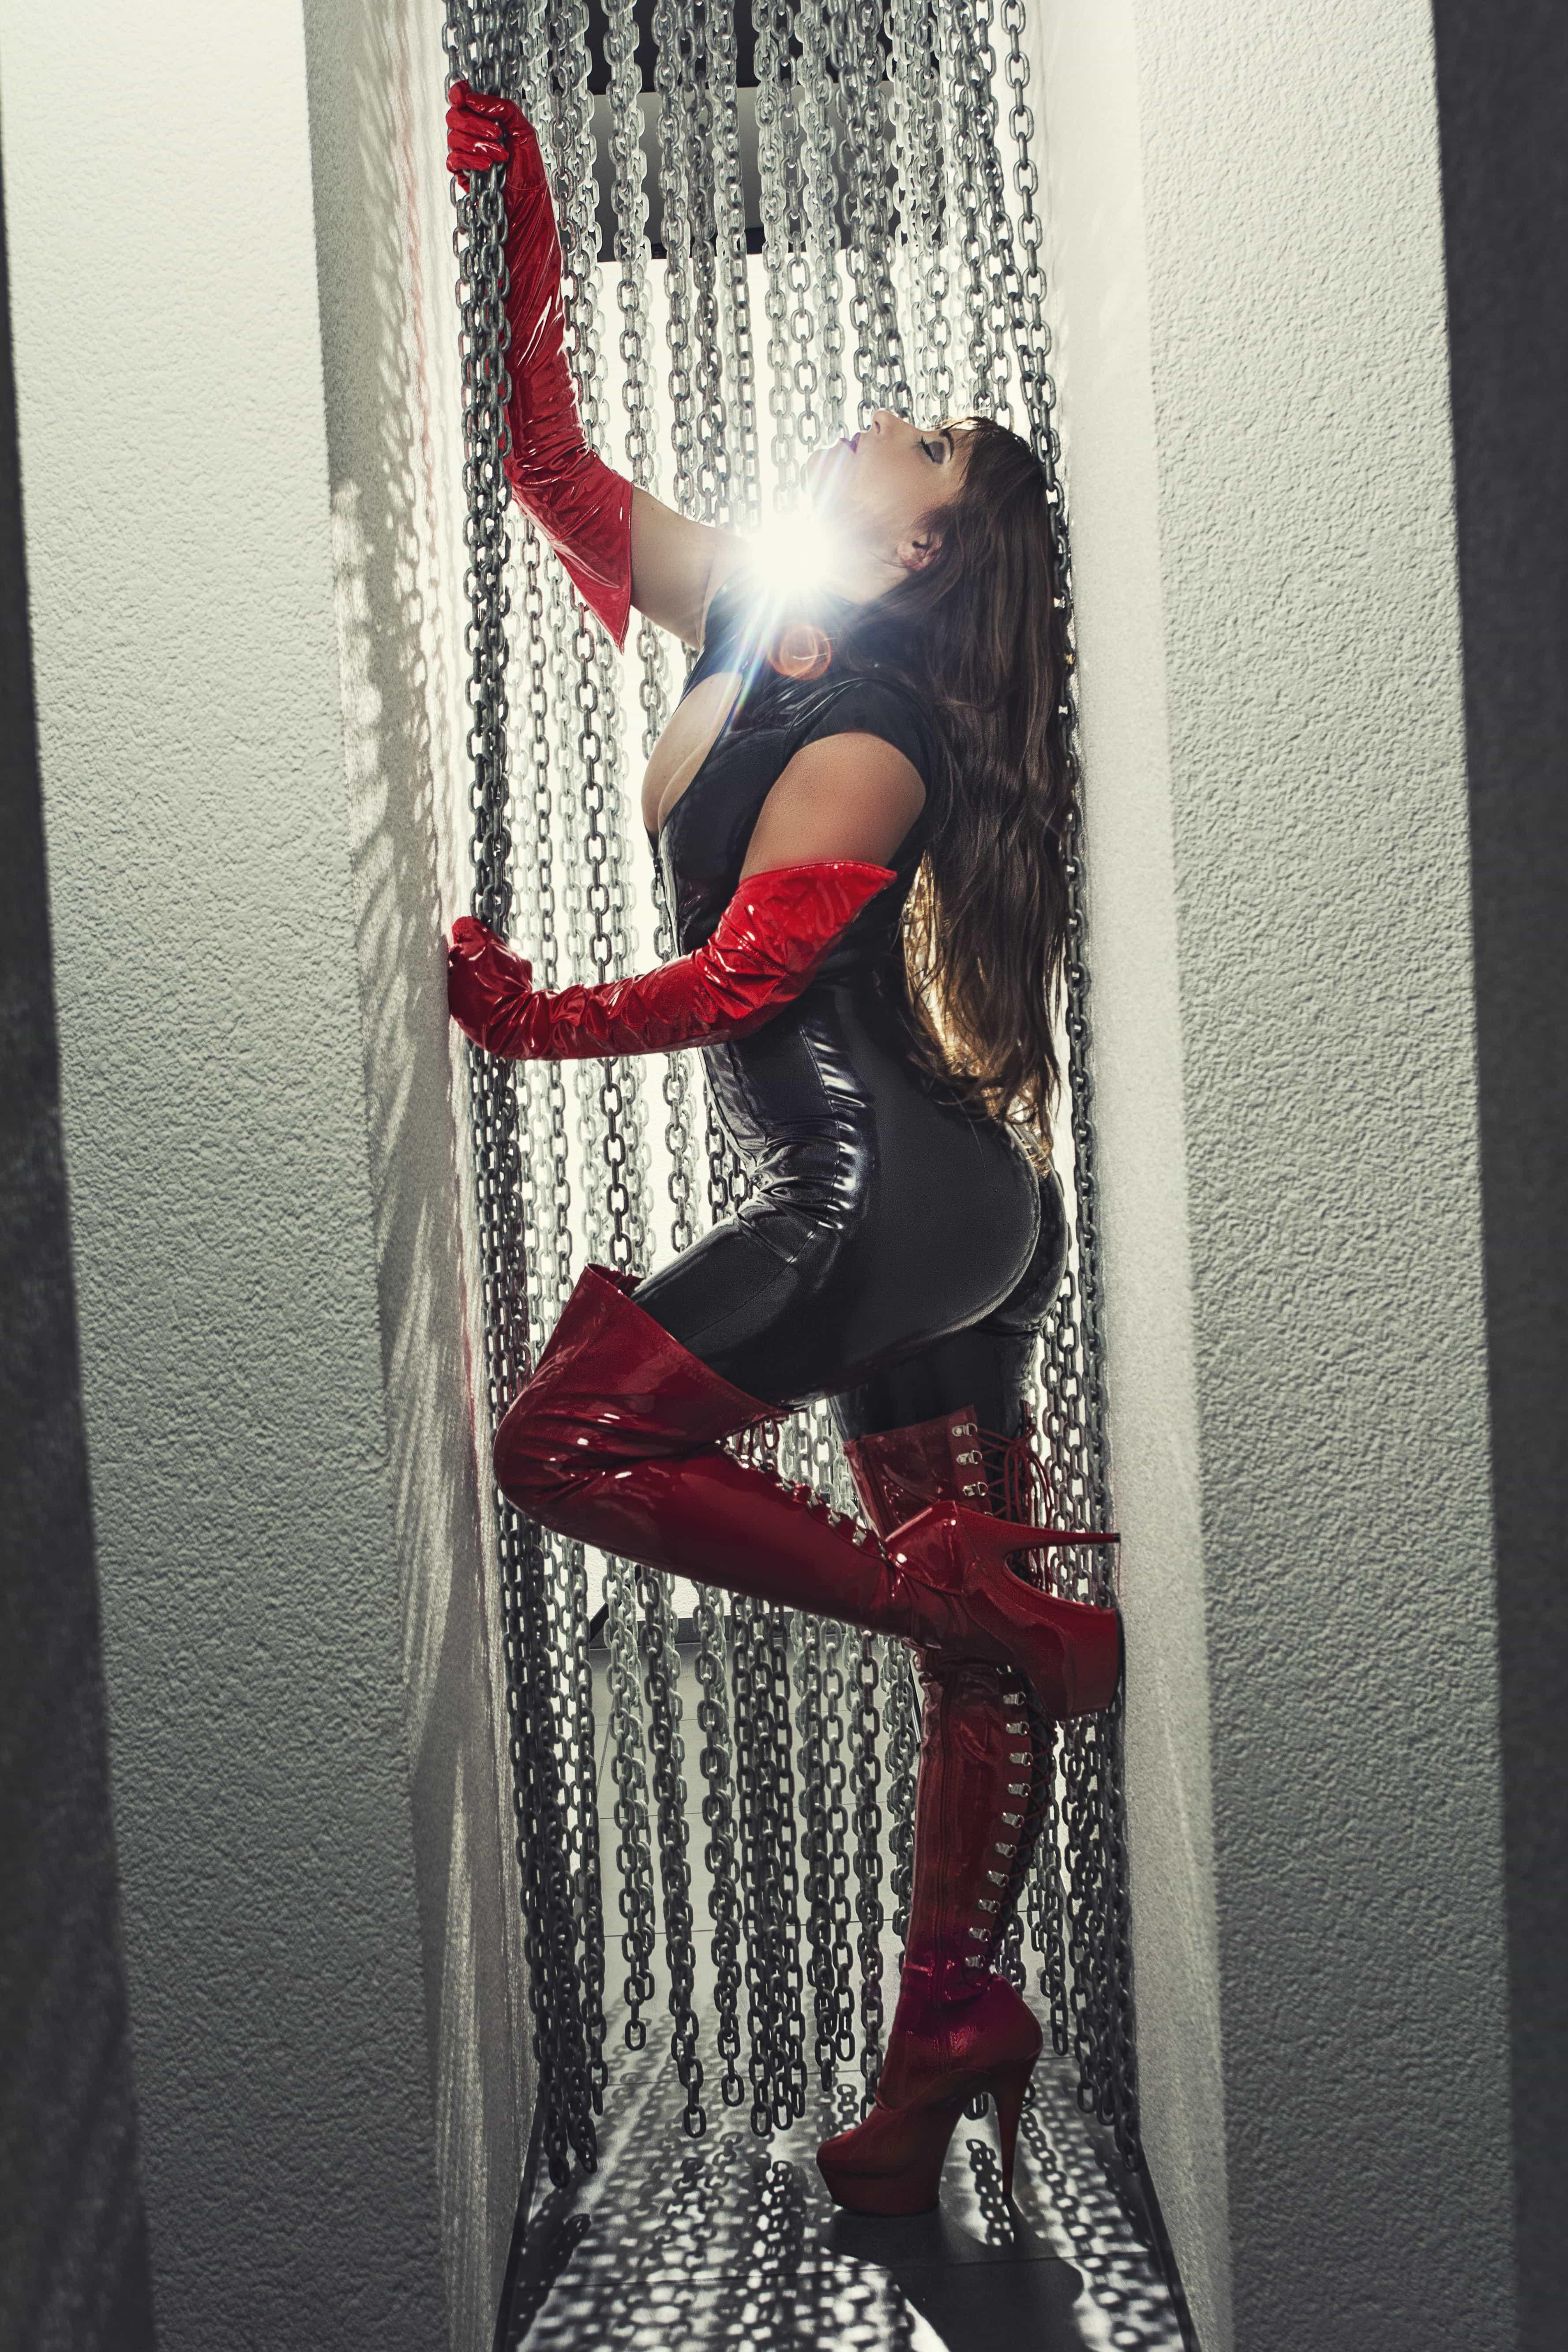 Domina im Gegenlicht mit Ketten und Latex rot schwarz